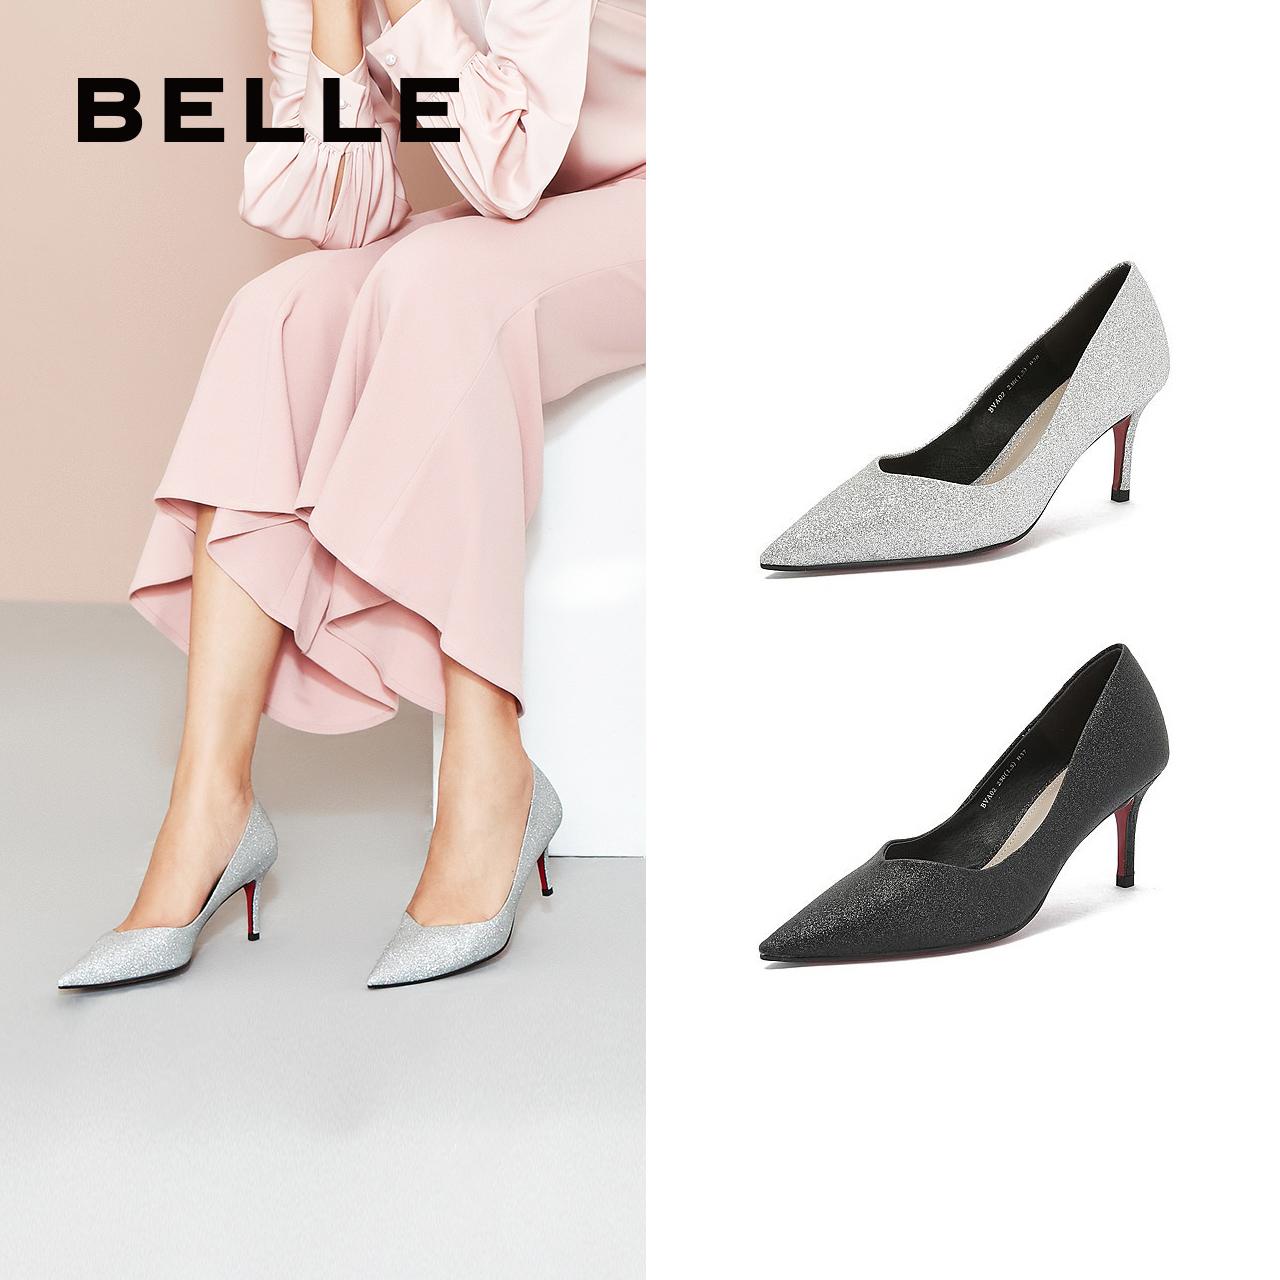 百丽单鞋女婚鞋商场同款亮片布仙女风细跟尖头通勤单鞋BVA02CQ8